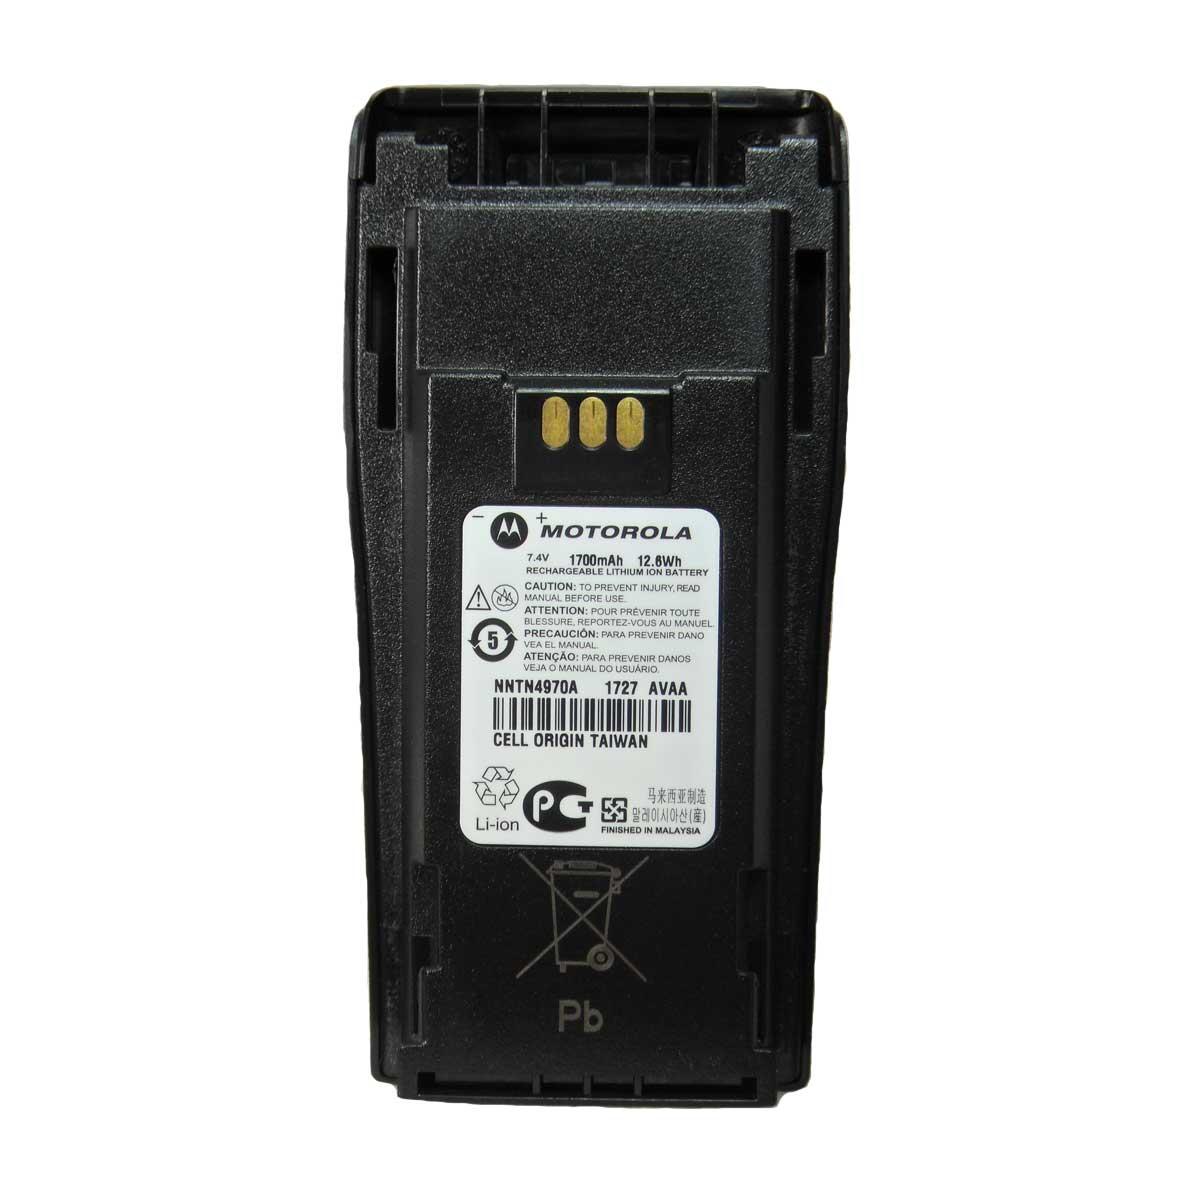 Batería Li-Ion 1700 mAh Motorola de alta capacidad para DEP450 NNTN4970